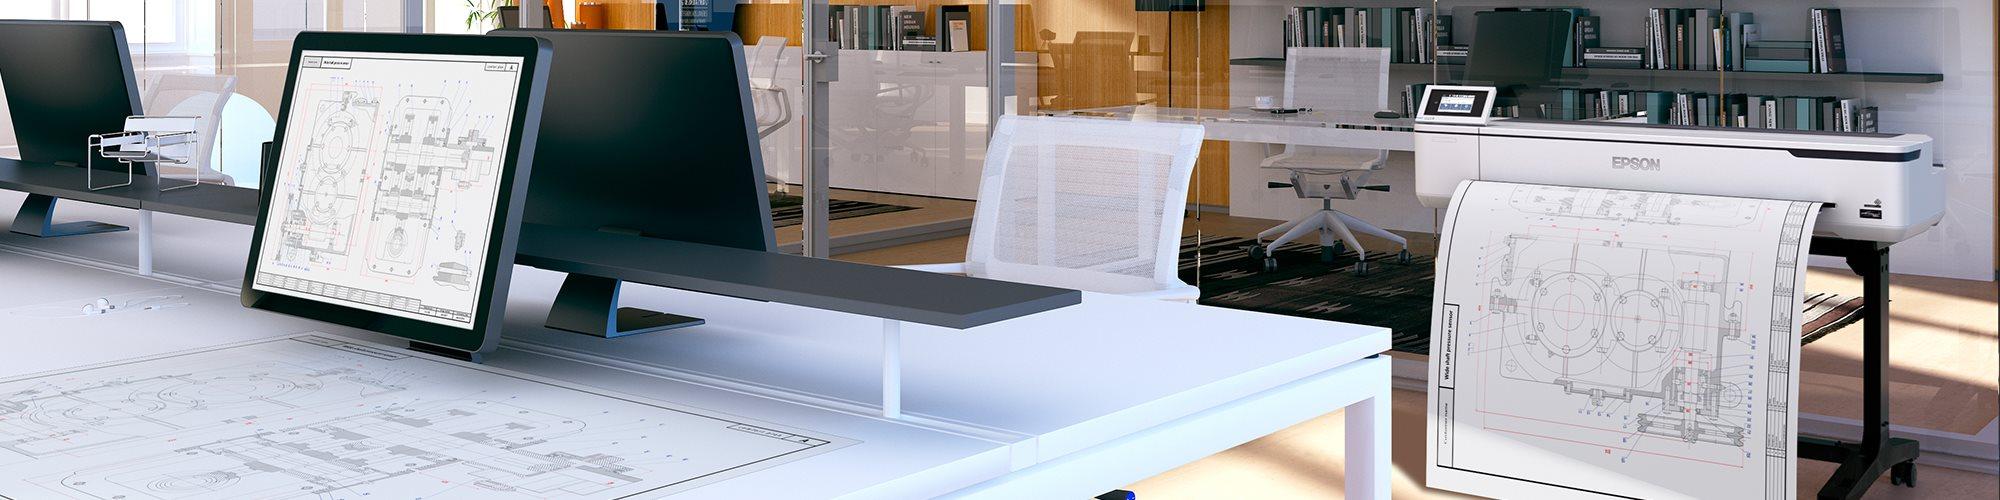 Mantenimiento y Reparación - Soluciones de impresión